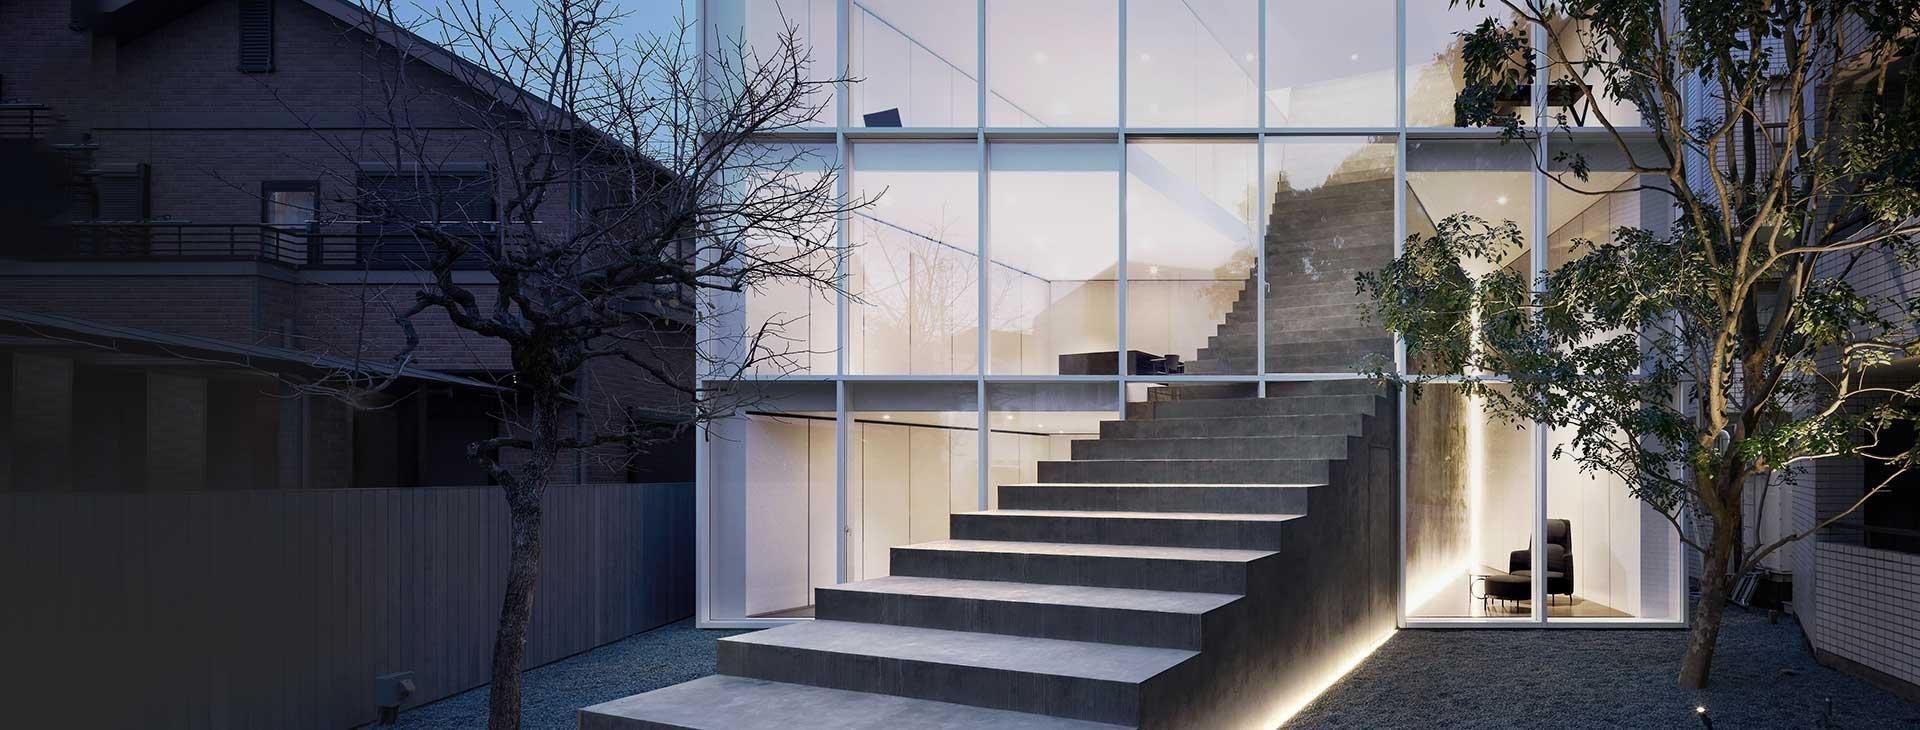 stilwerk_referenzprojekt_axor_stairway_house_stage